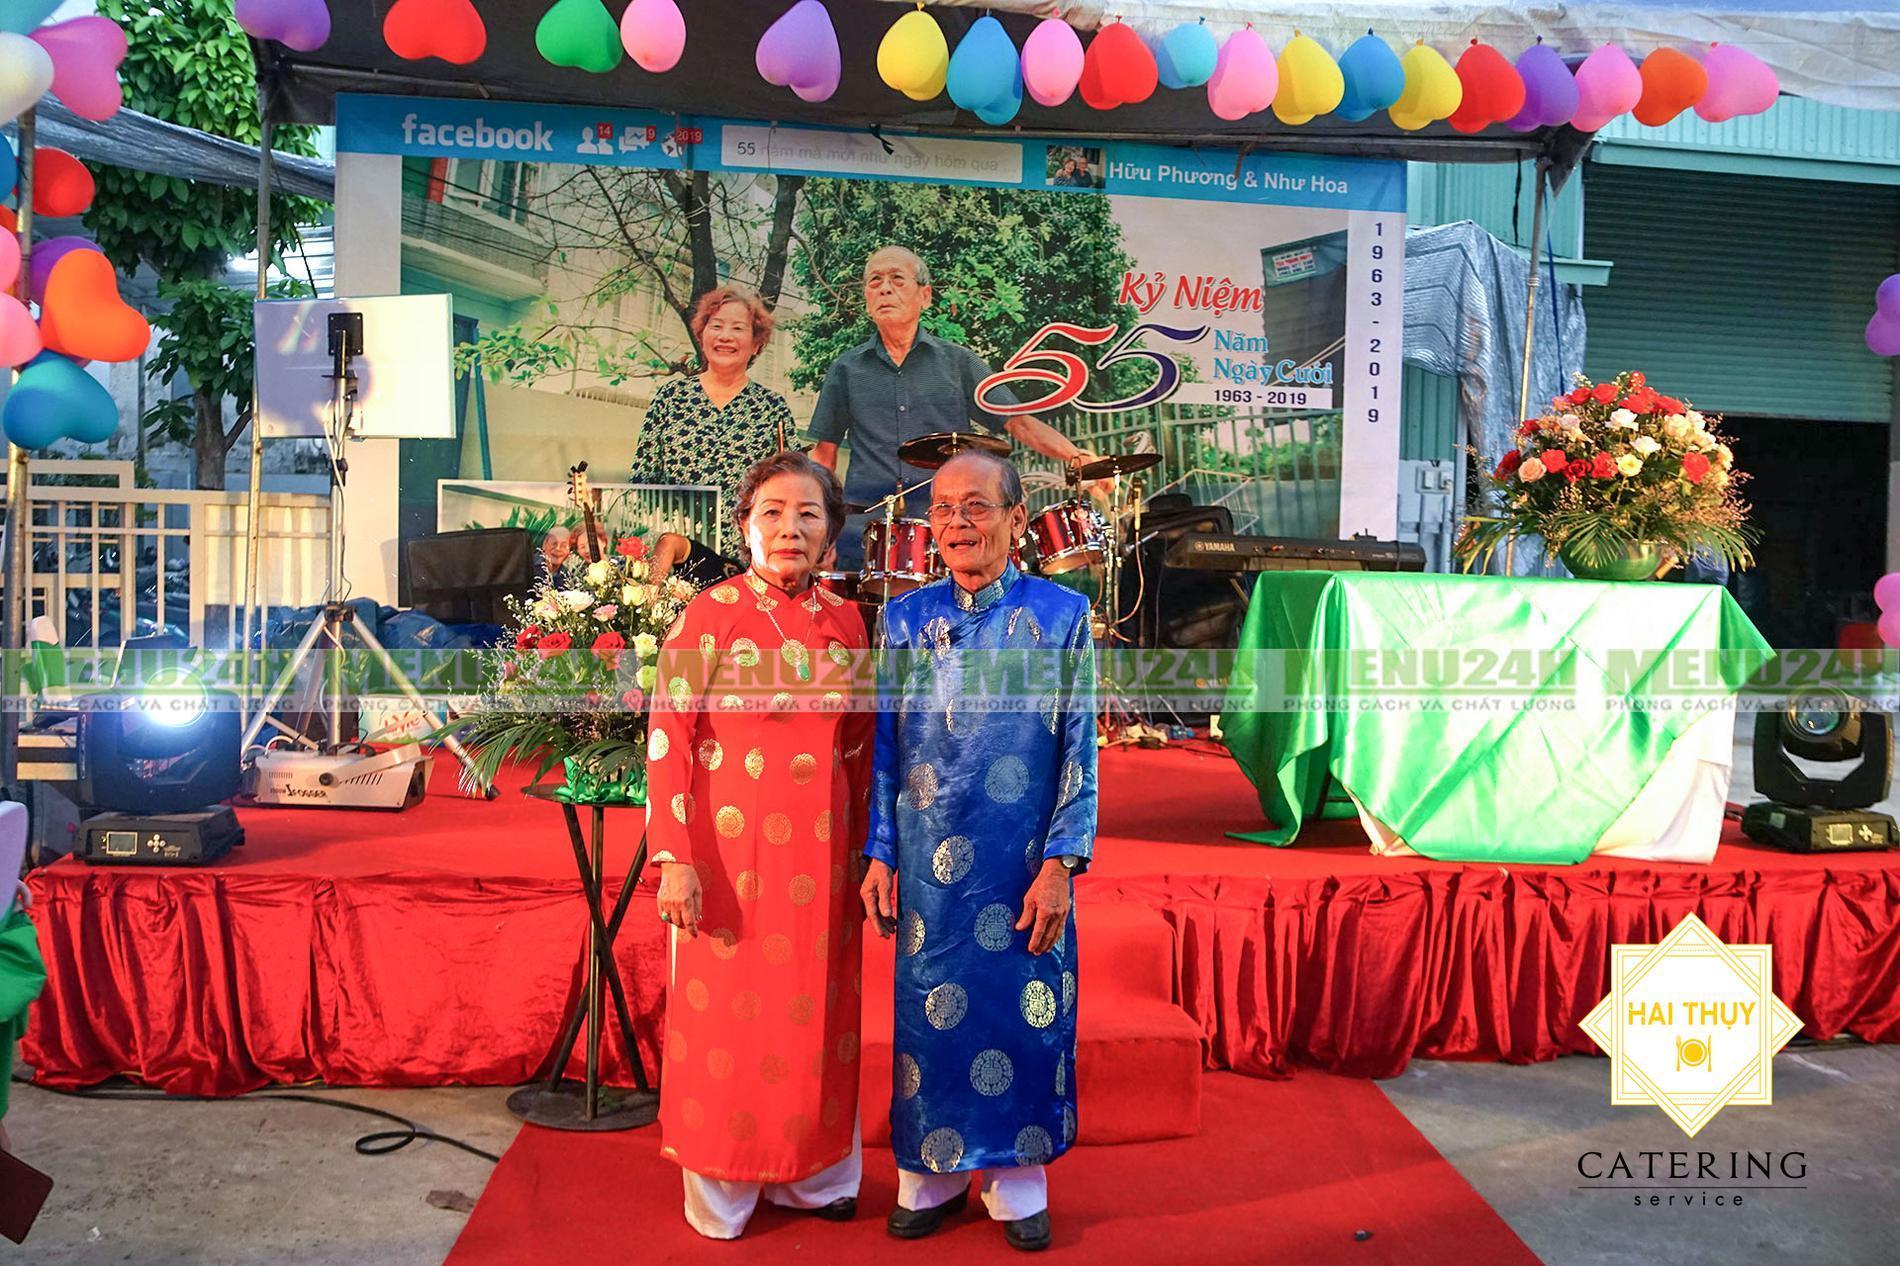 Tiệc kỷ niệm 55 năm ngày cưới cho cha mẹ - Tổ chức tiệc tận nơi quận 9